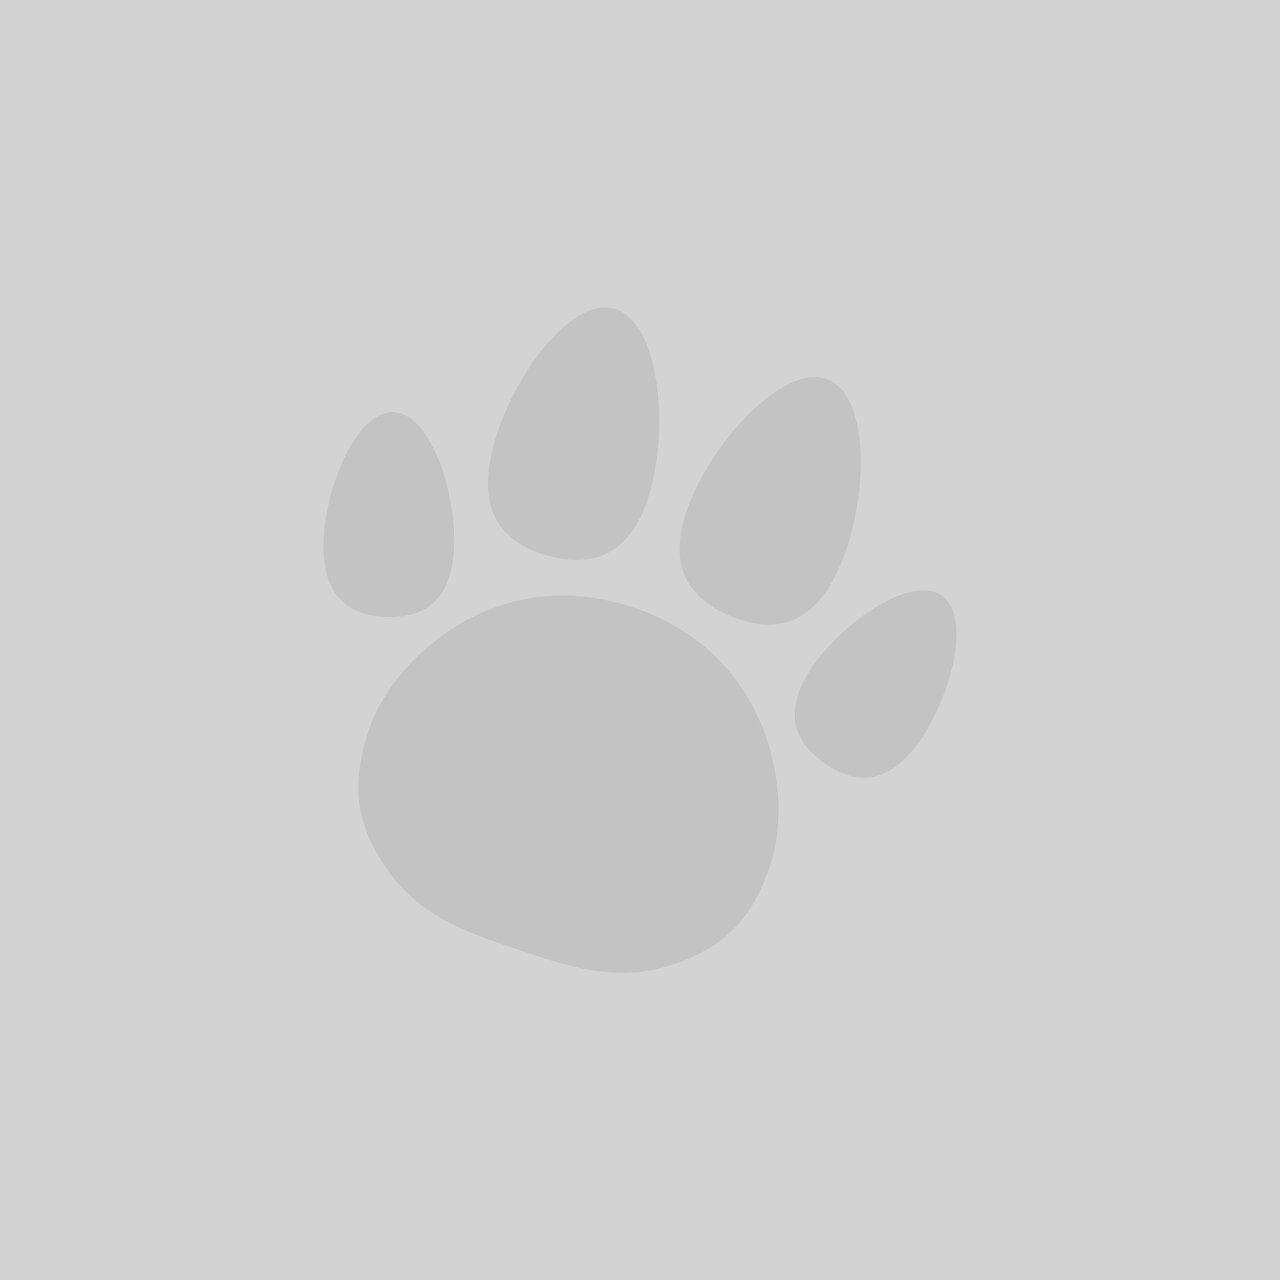 Cortree Scratcher